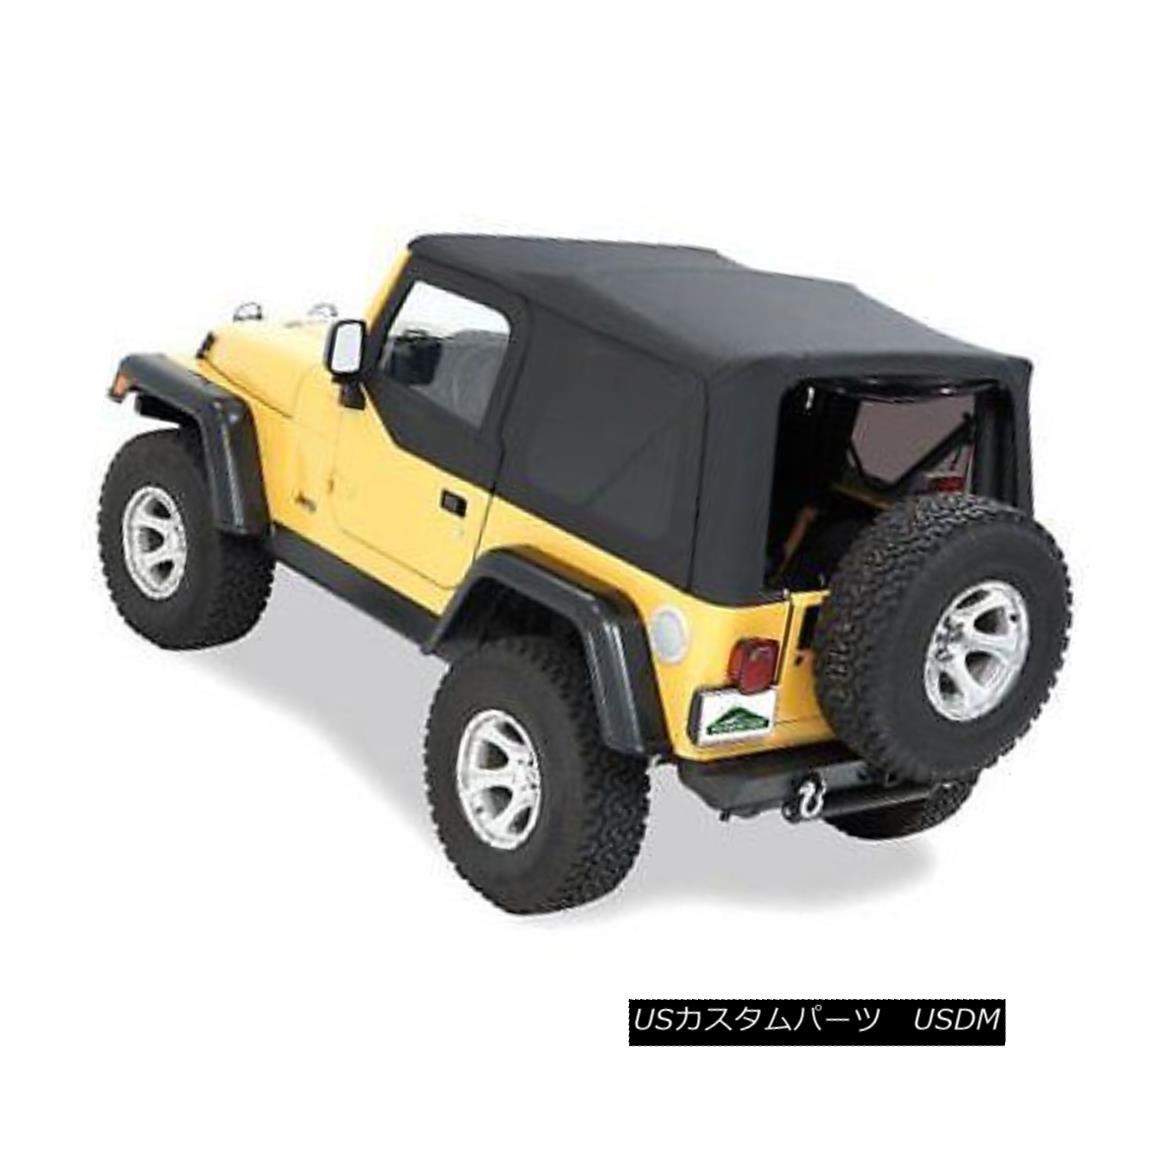 幌・ソフトトップ Pavement Ends 51132-15 Soft Top For 88-95 Jeep Wrangler (YJ) 舗道終了51132-15ソフトトップ88-95ジープラングラー(YJ)